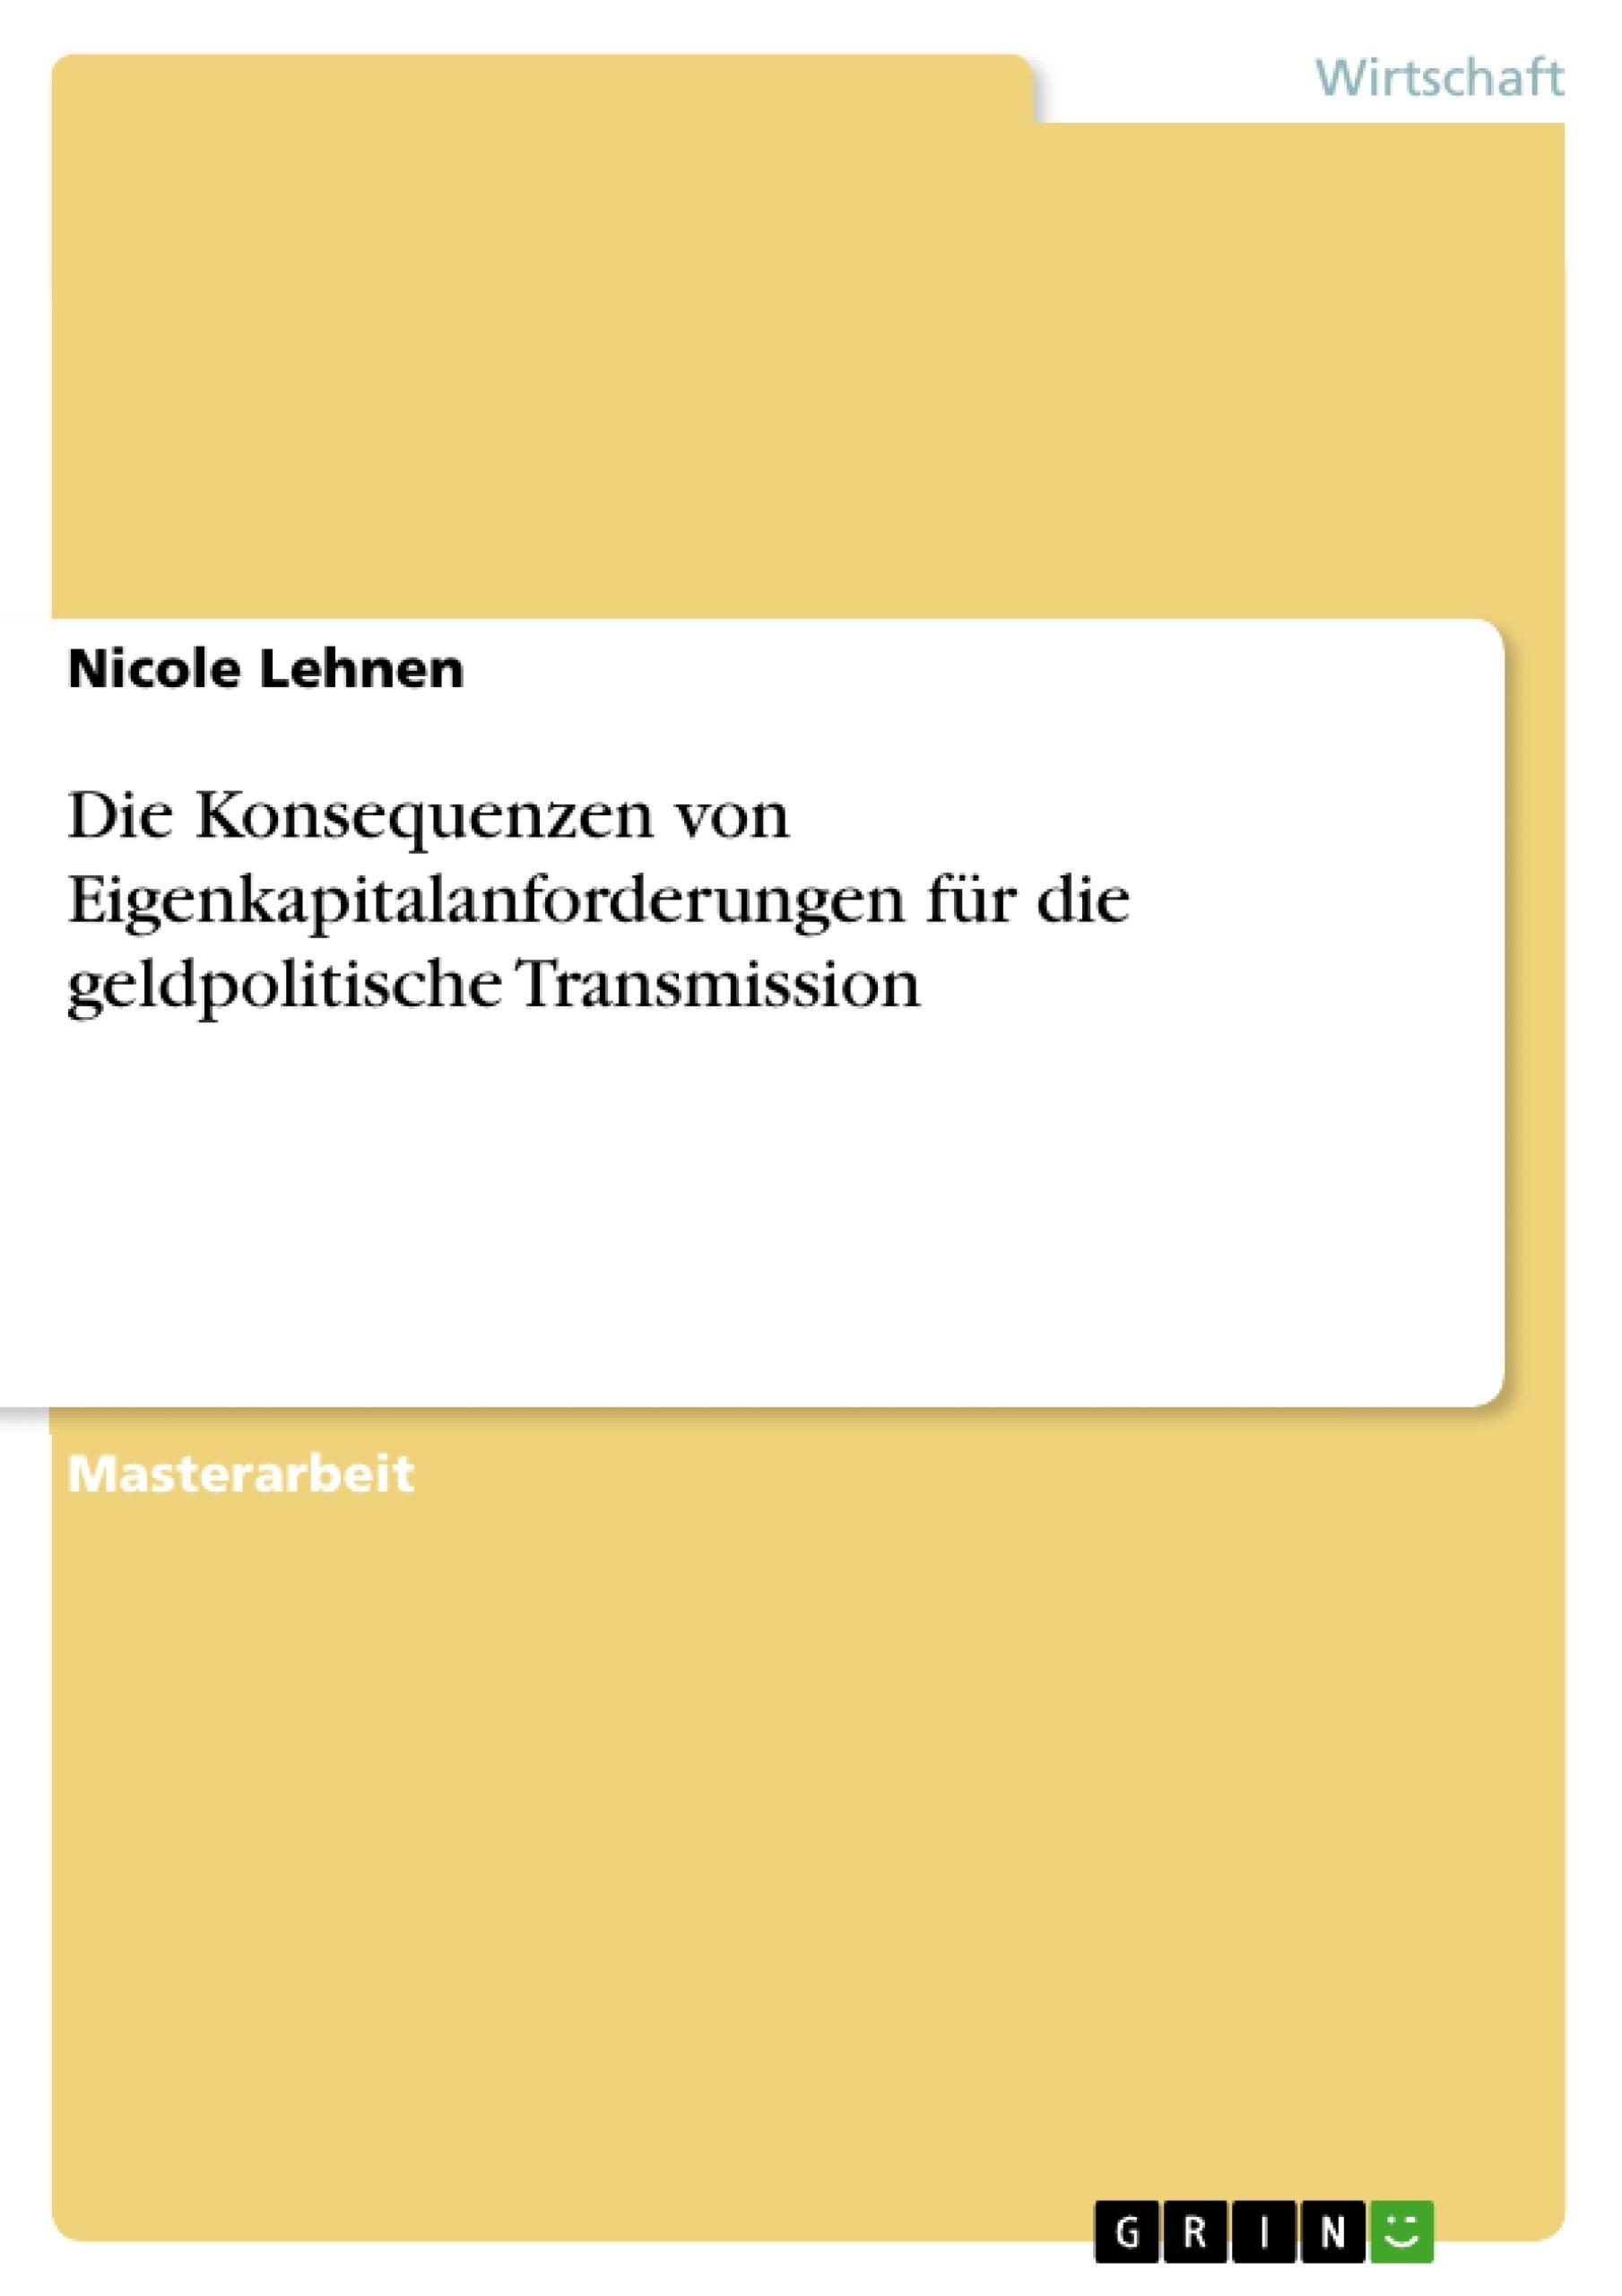 Titel: Die Konsequenzen von Eigenkapitalanforderungen für die geldpolitische Transmission